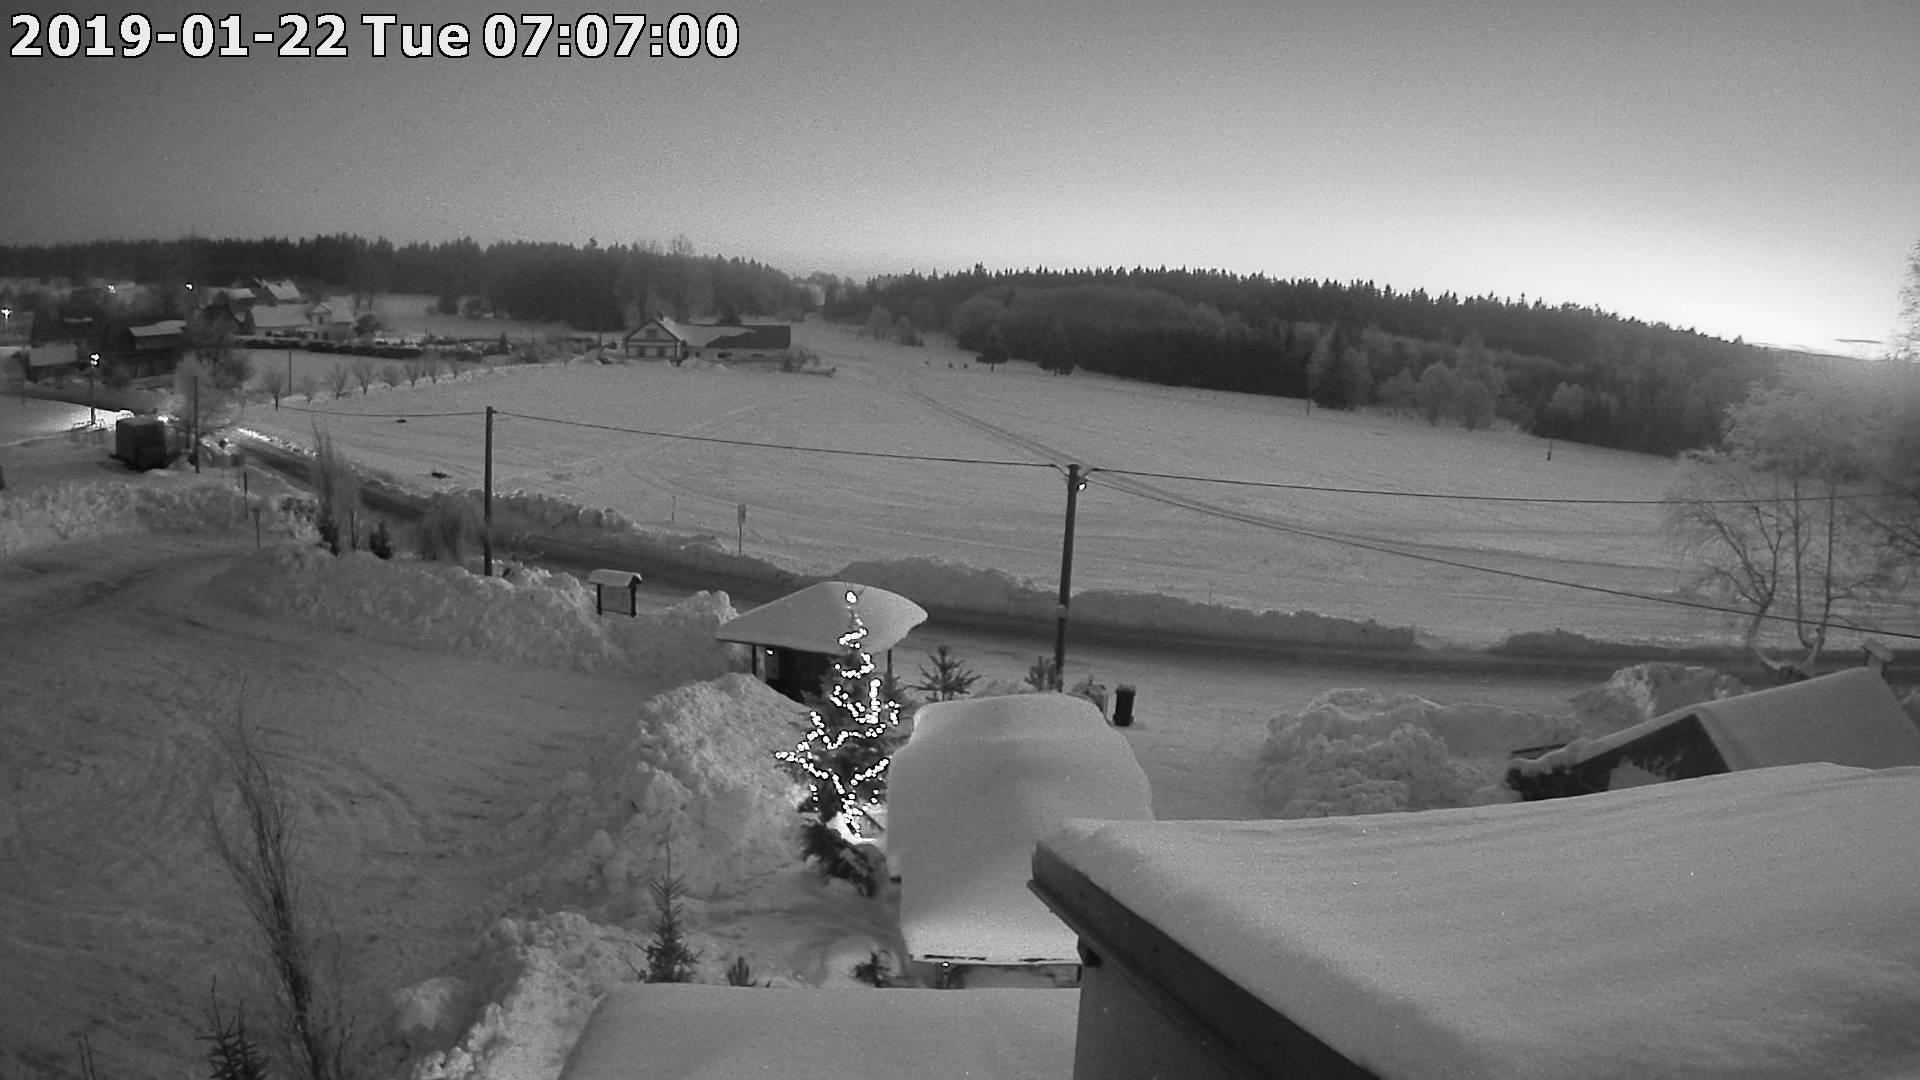 Webkamera ze dne 2019-01-22